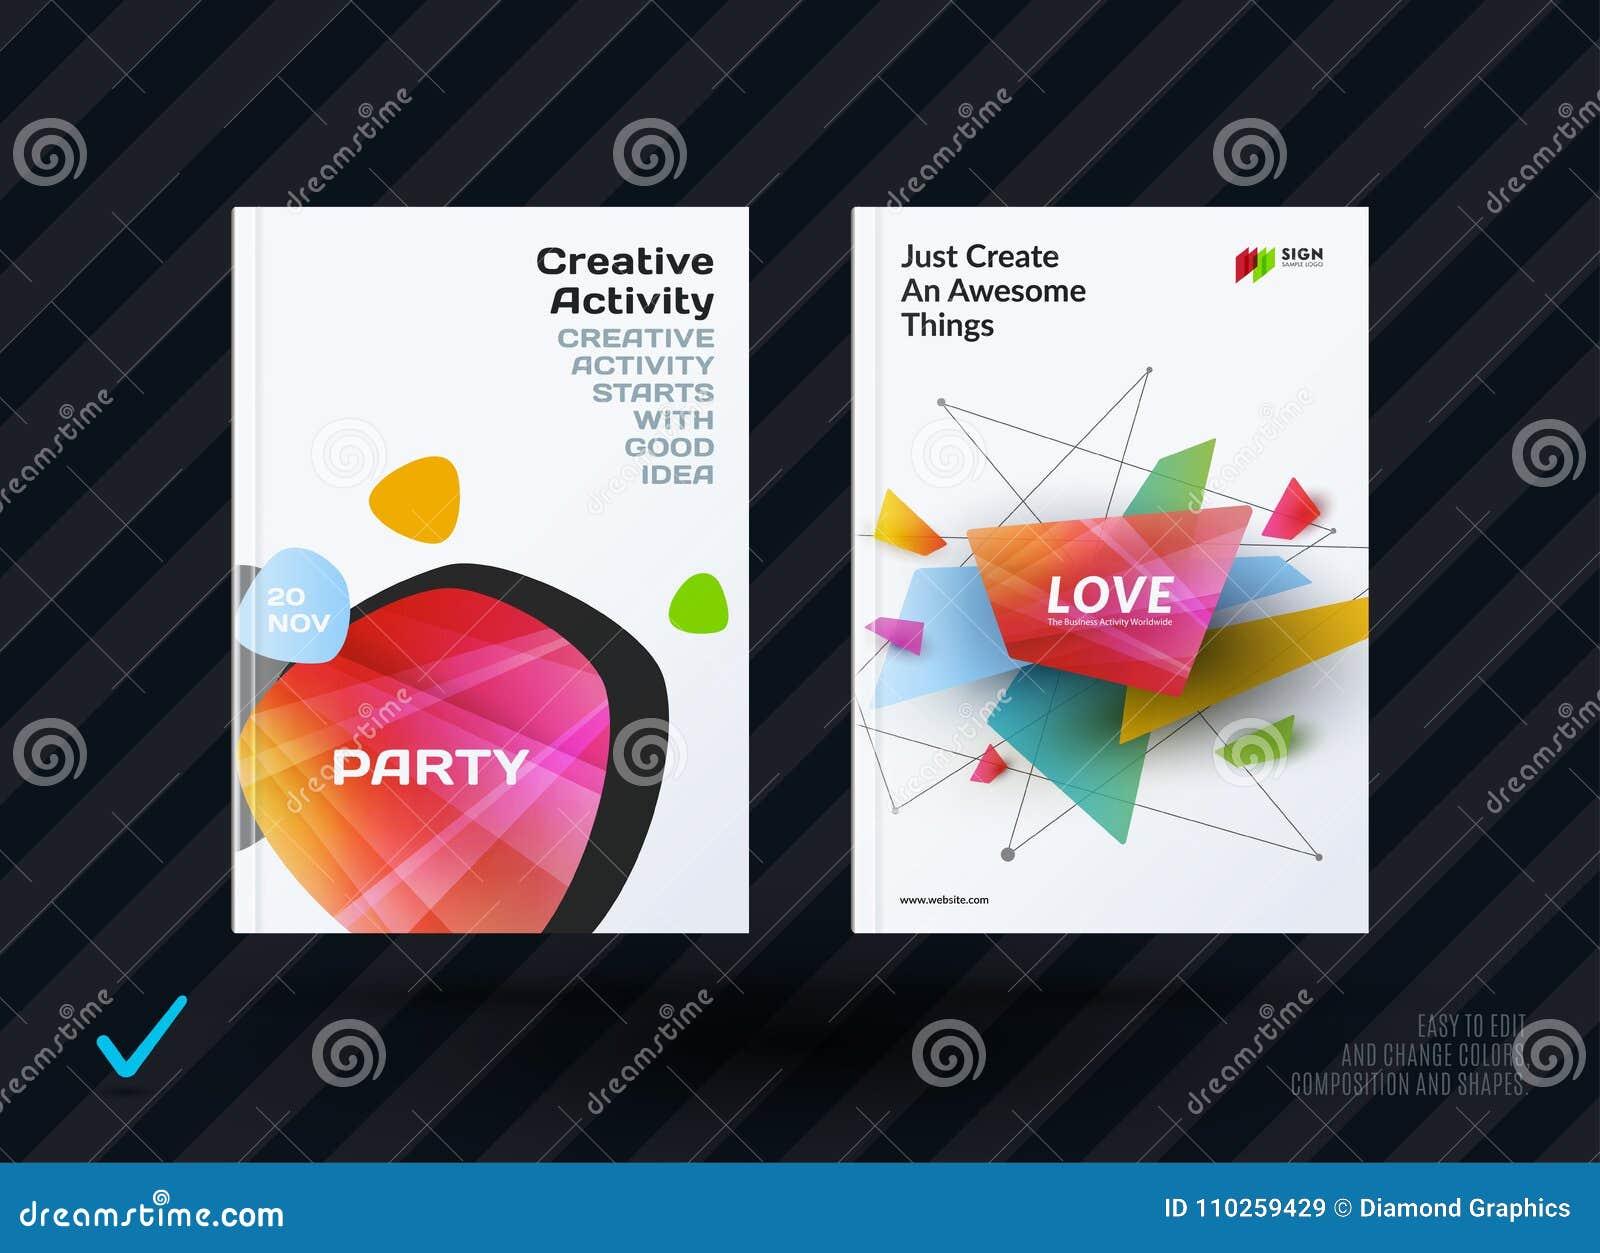 套设计小册子,抽象年终报告,水平的盖子布局,在A4的飞行物与传染媒介五颜六色被环绕的